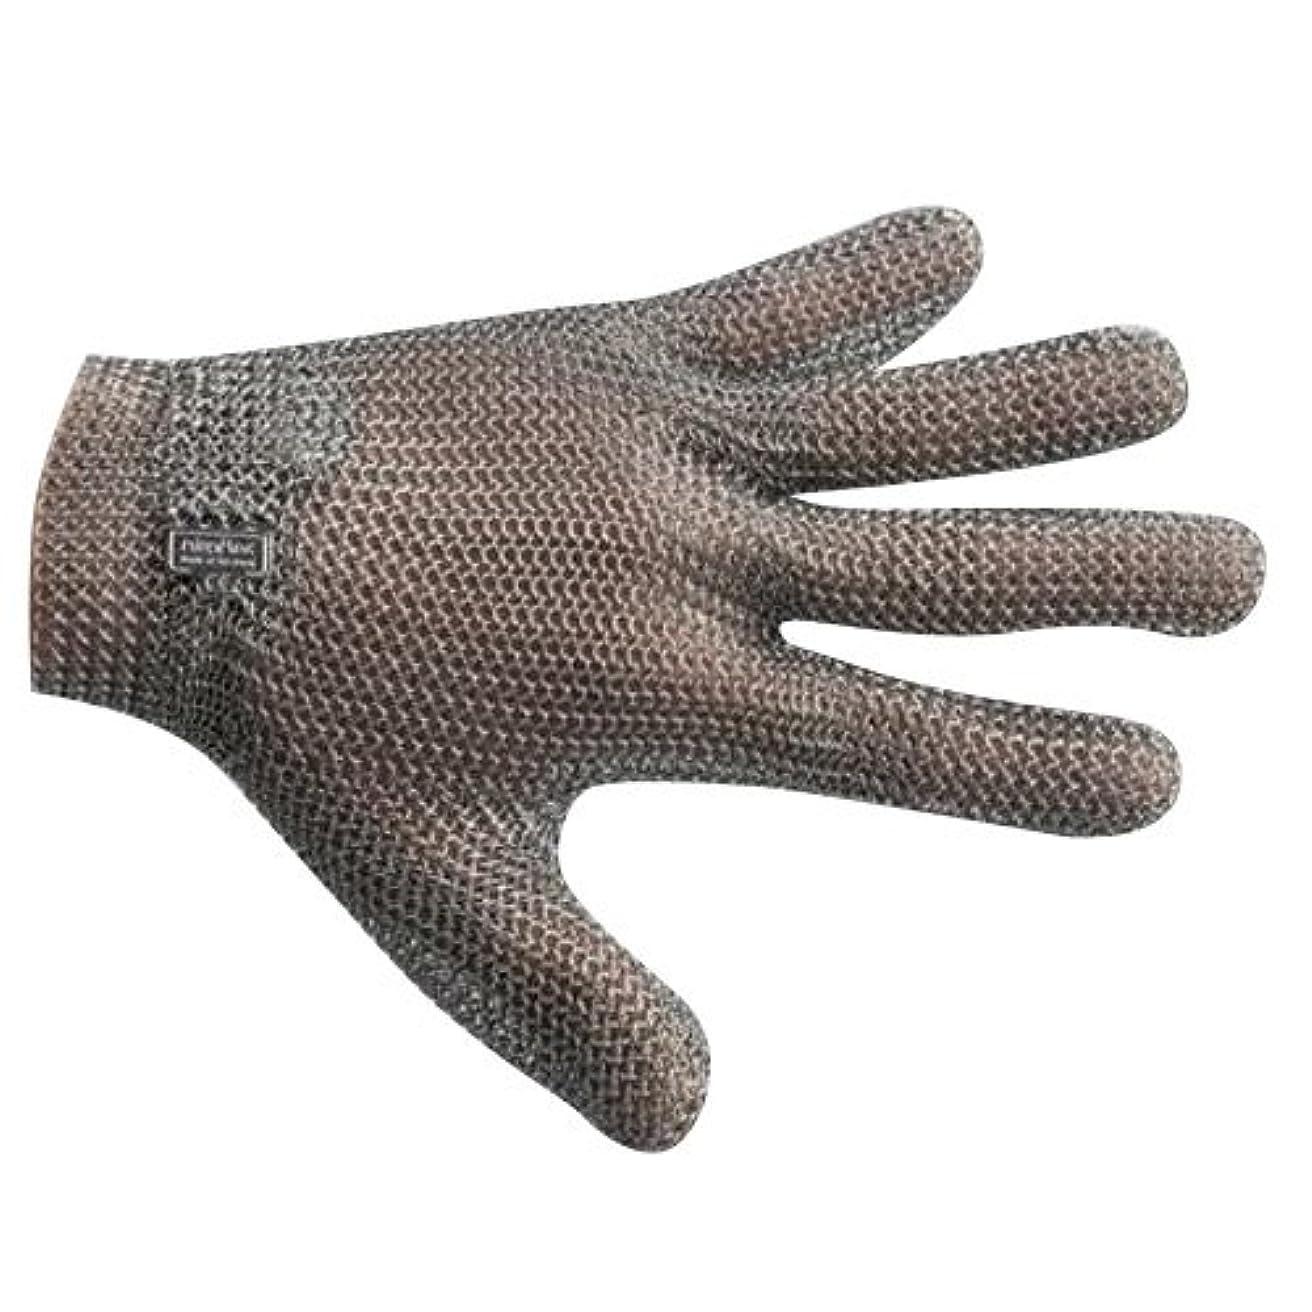 メロドラマティックウェブ余韻宇都宮製作 GU-2500 ステンレスメッシュ手袋 5本指(左右兼用) L